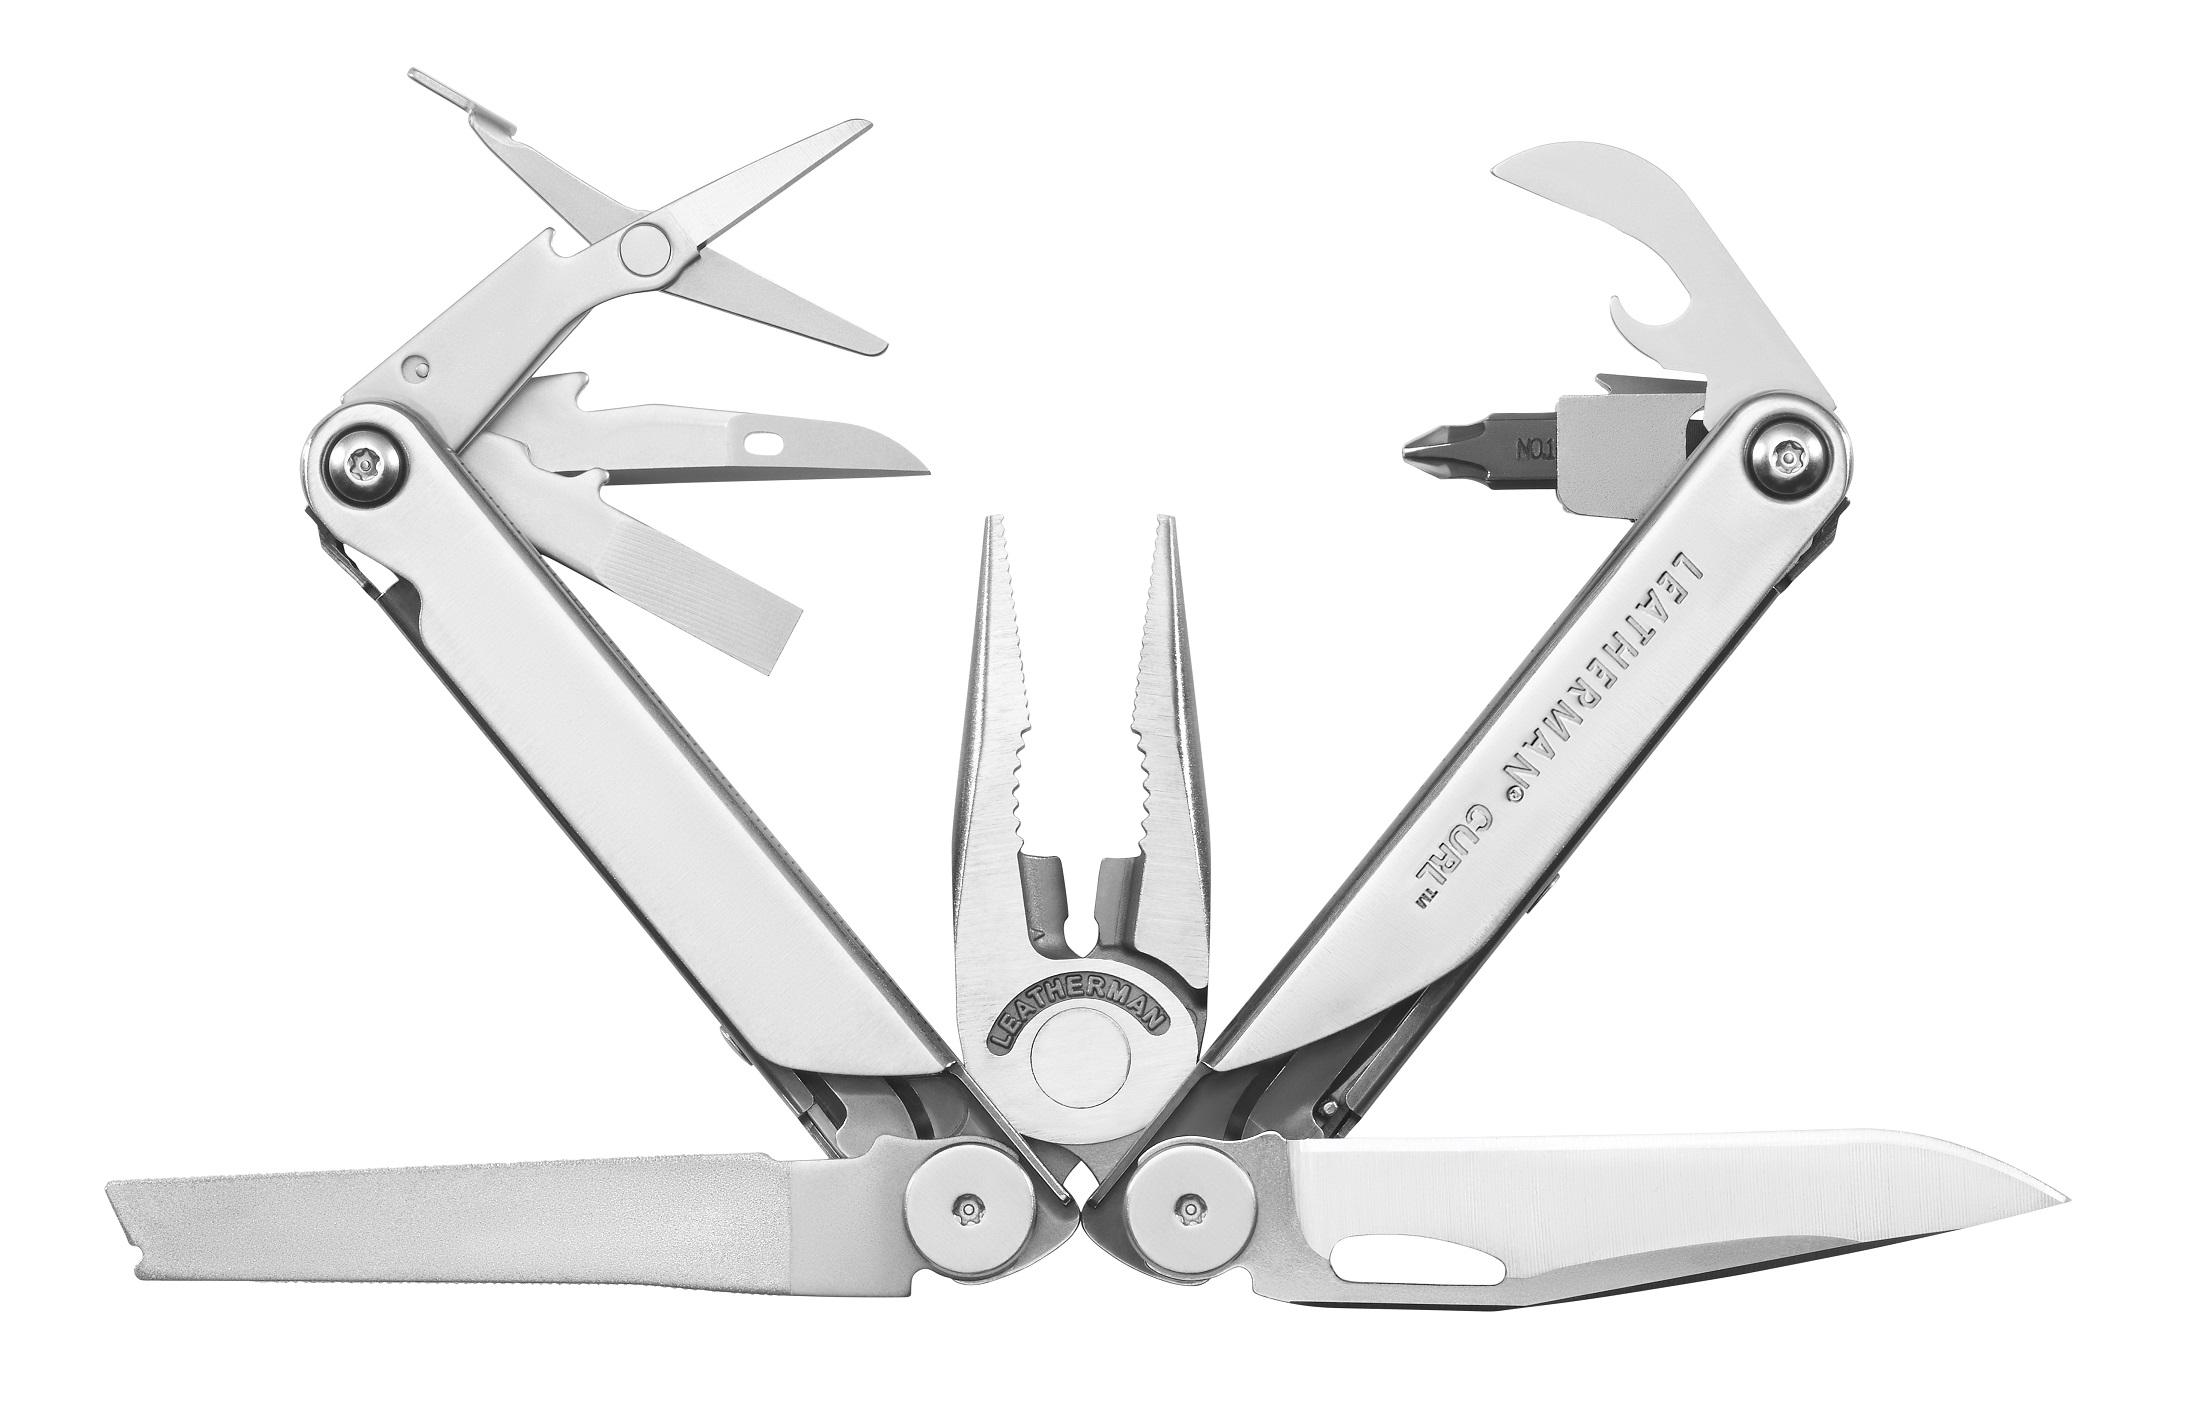 Leatherman's latest EC multi-tool